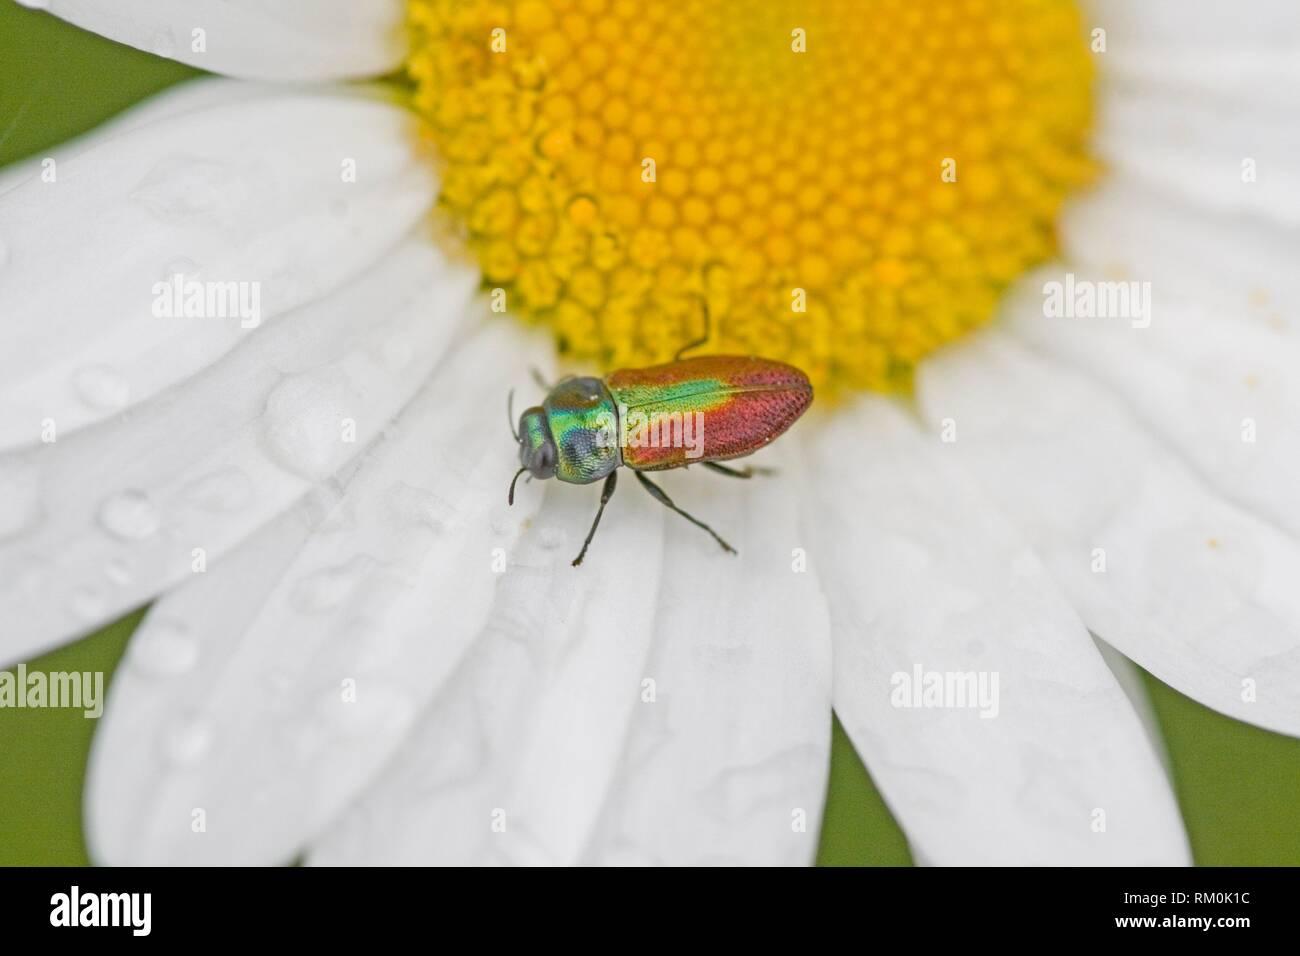 Jewel Beetle, Anthaxia fulgurans. - Stock Image